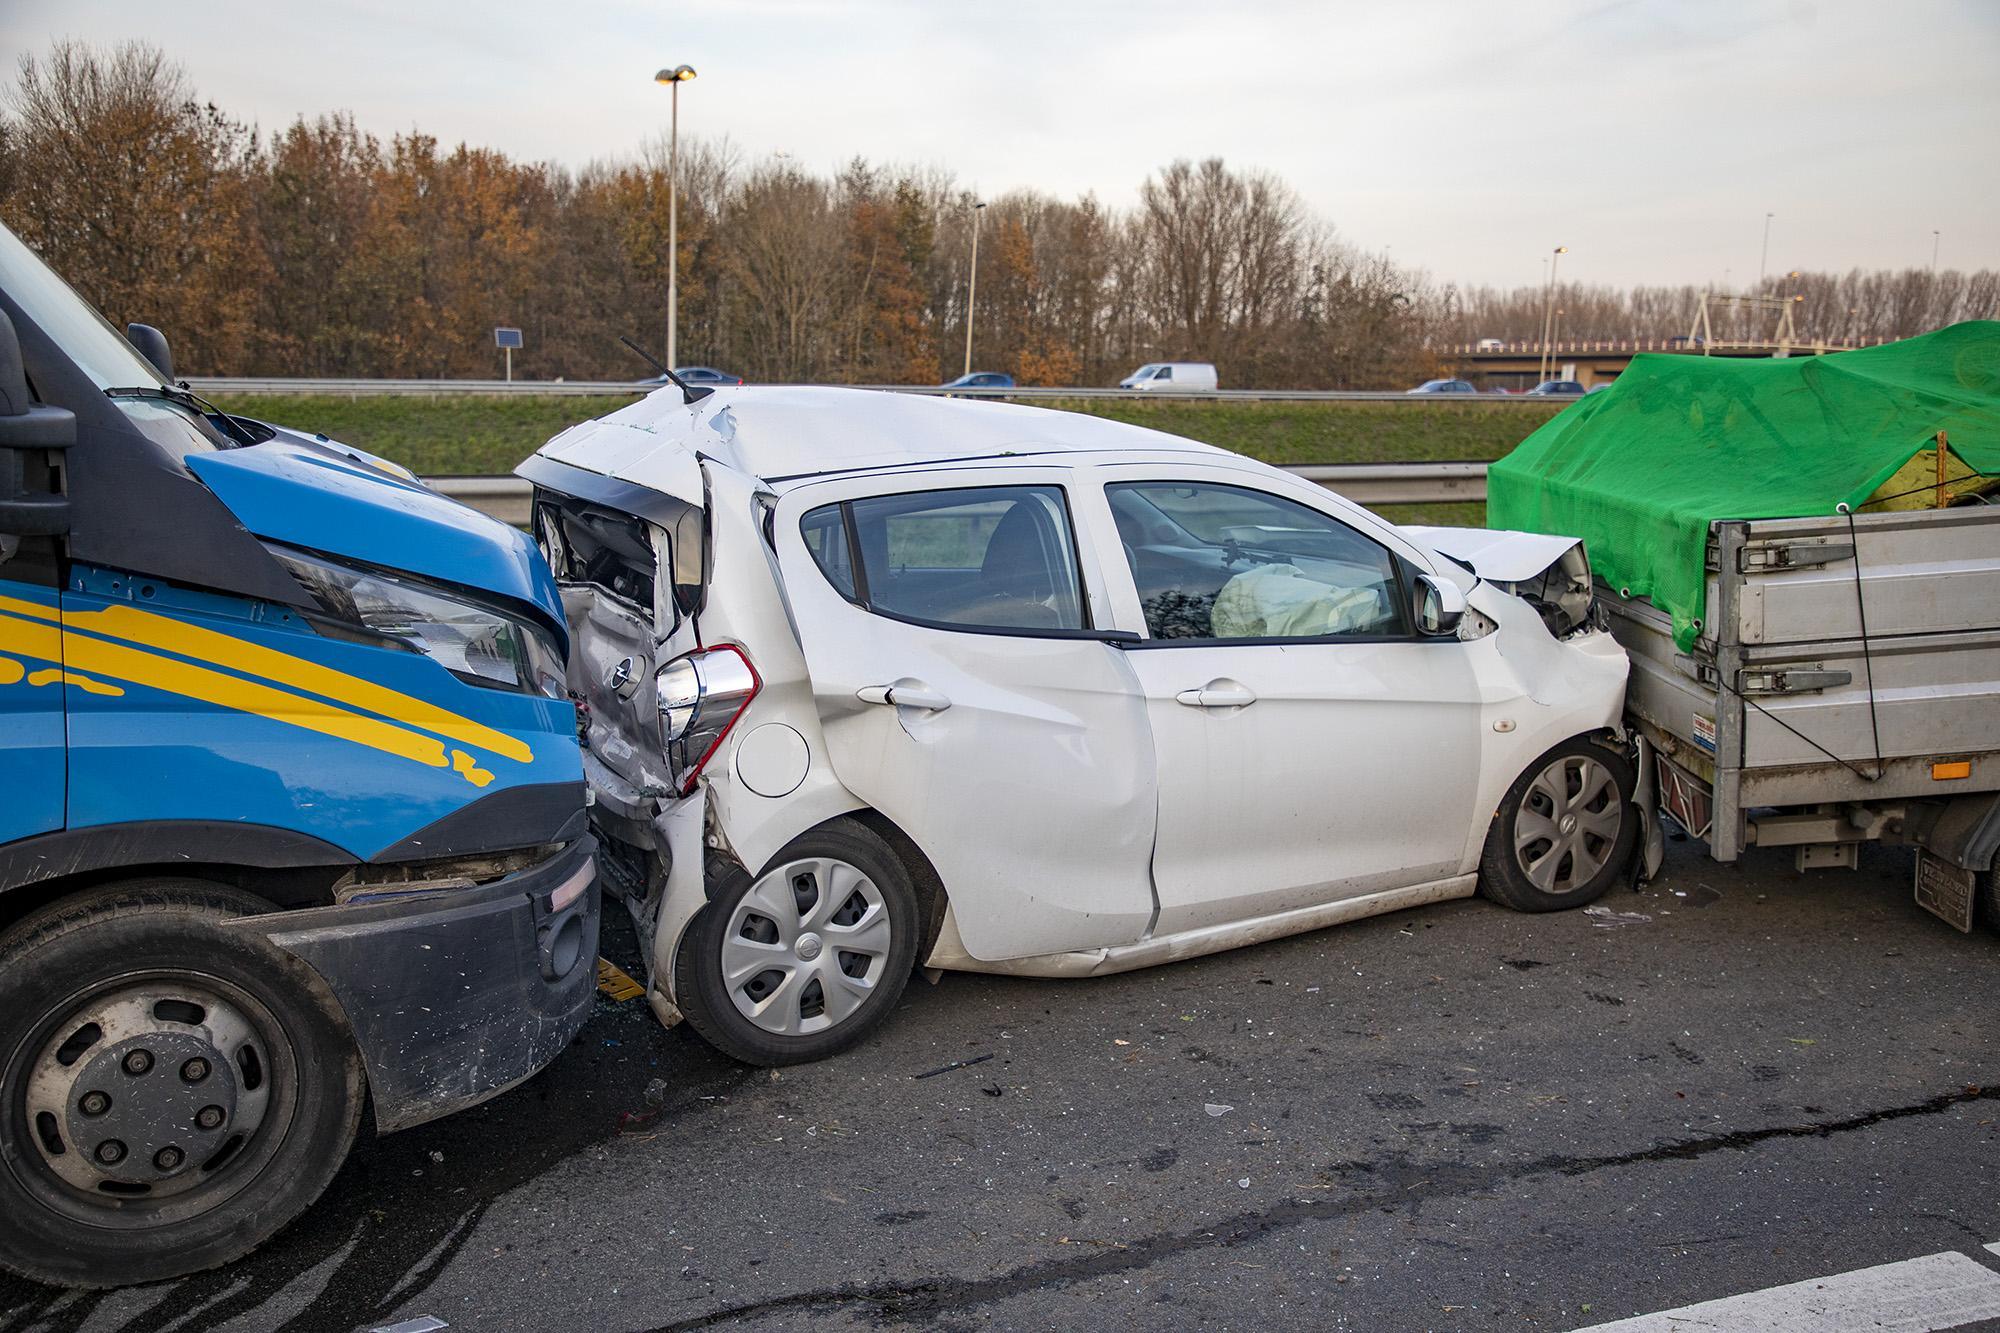 Vrouw gewond bij flinke botsing op A200 bij Haarlem; verkeer staat vast vanaf Waarderpolder